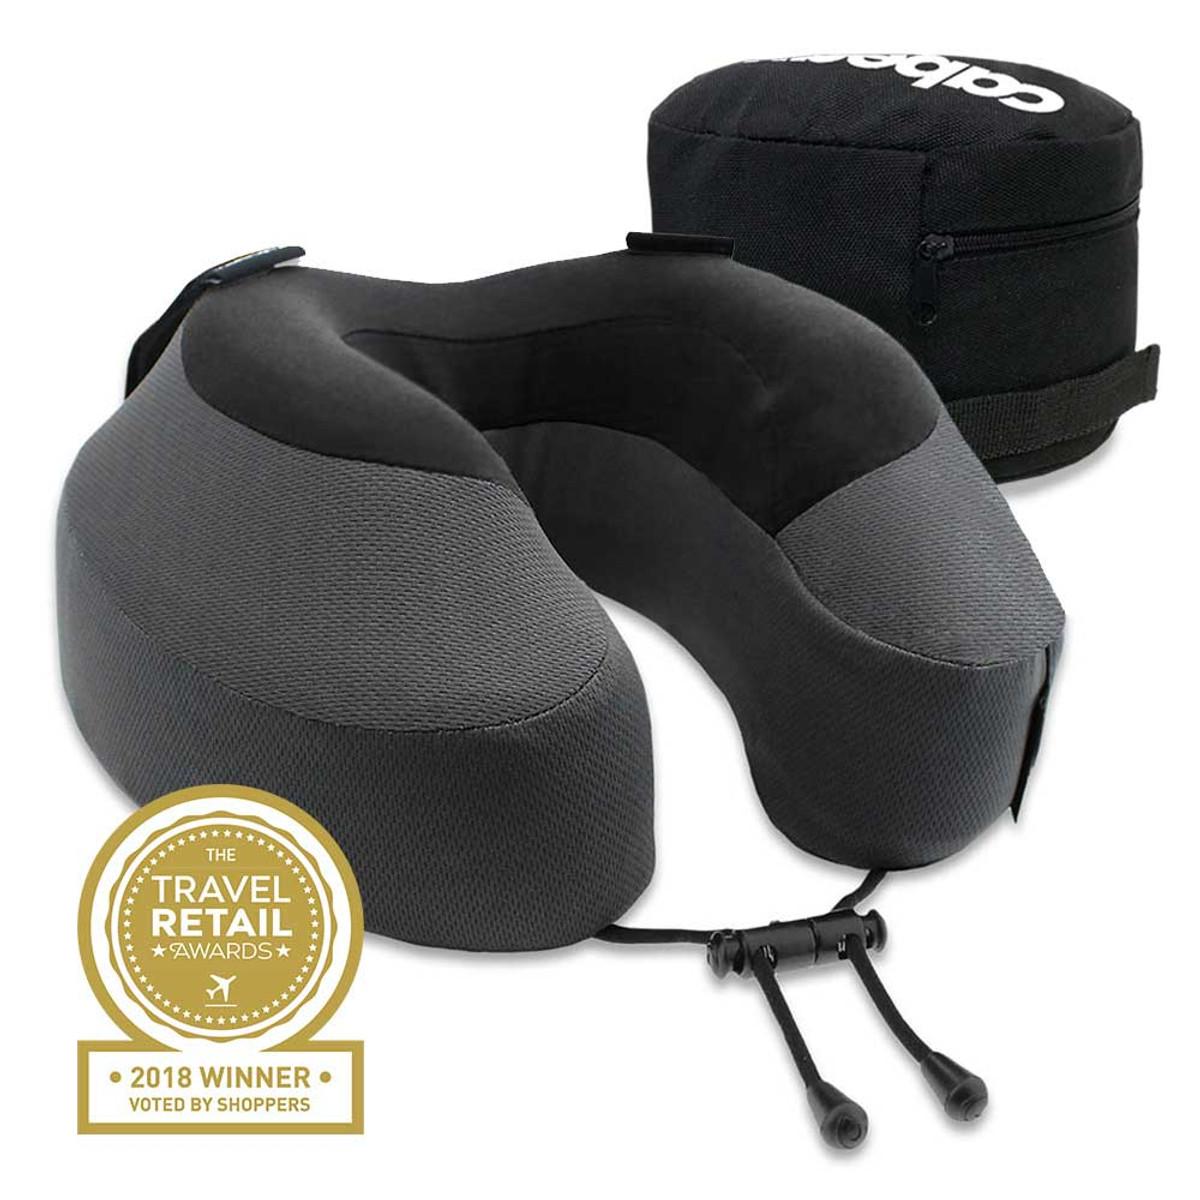 Cabeau Evolution Pillow S3 memory foam pillow, steel grey